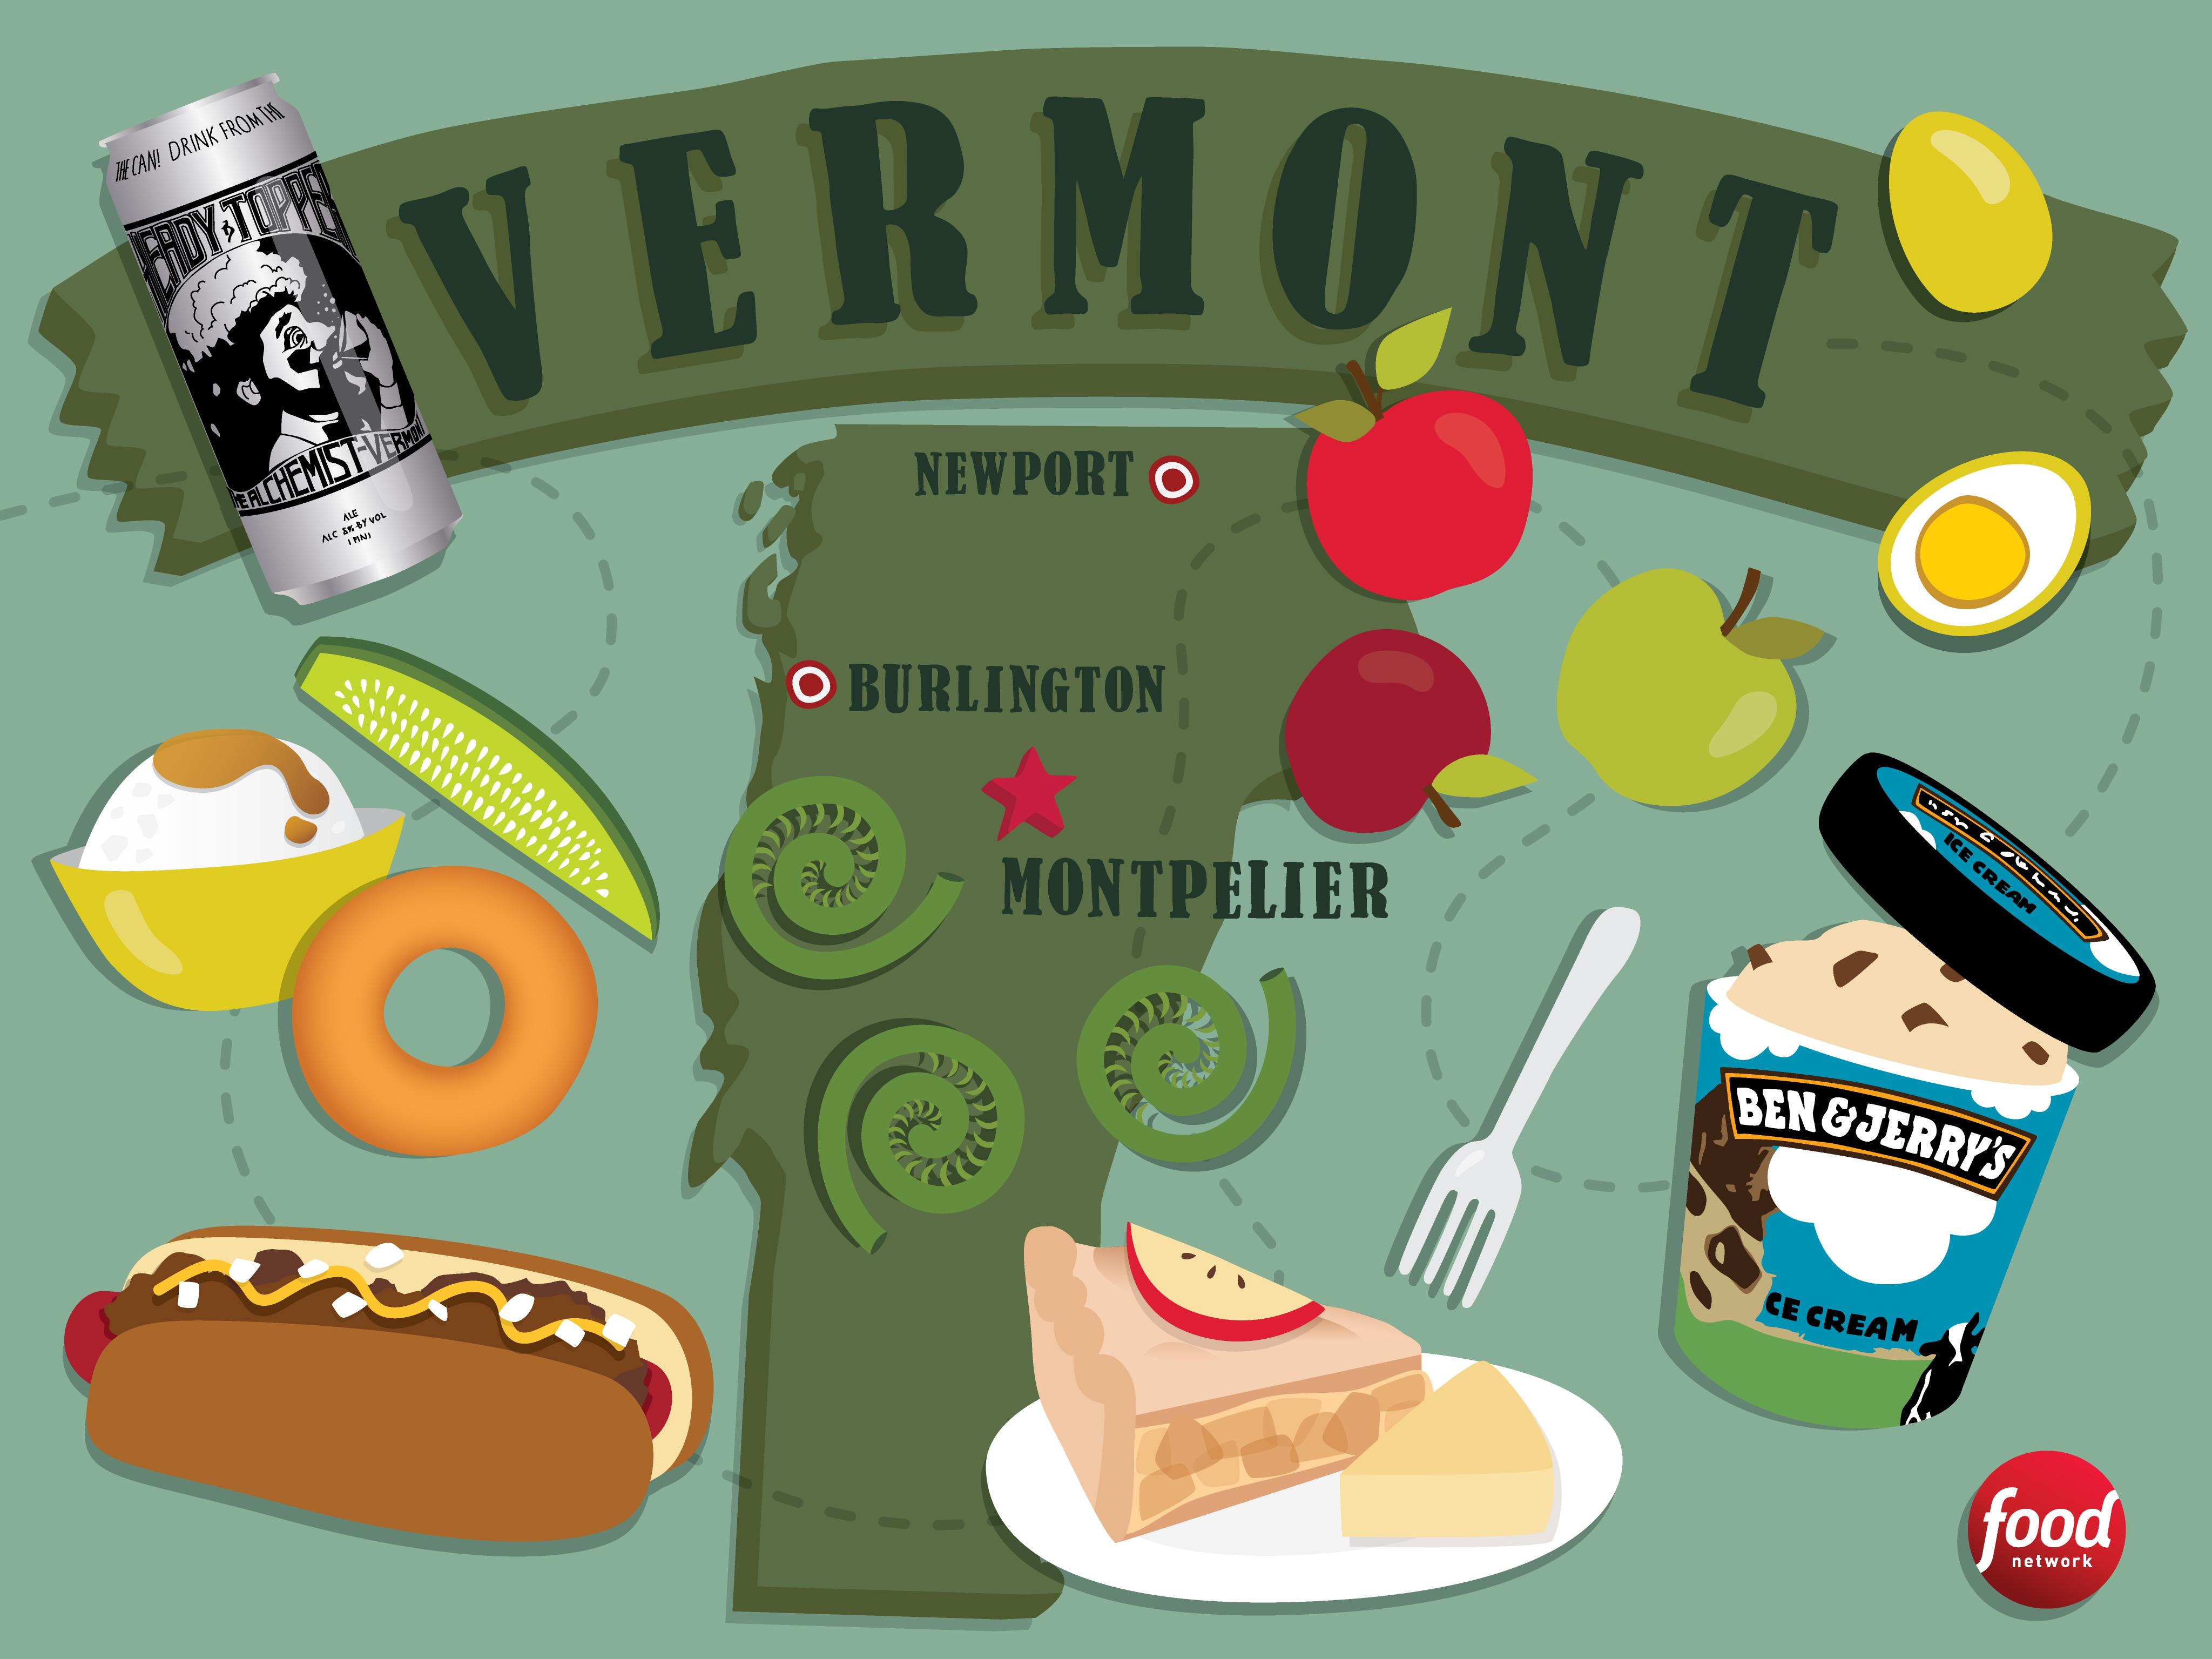 vermont food